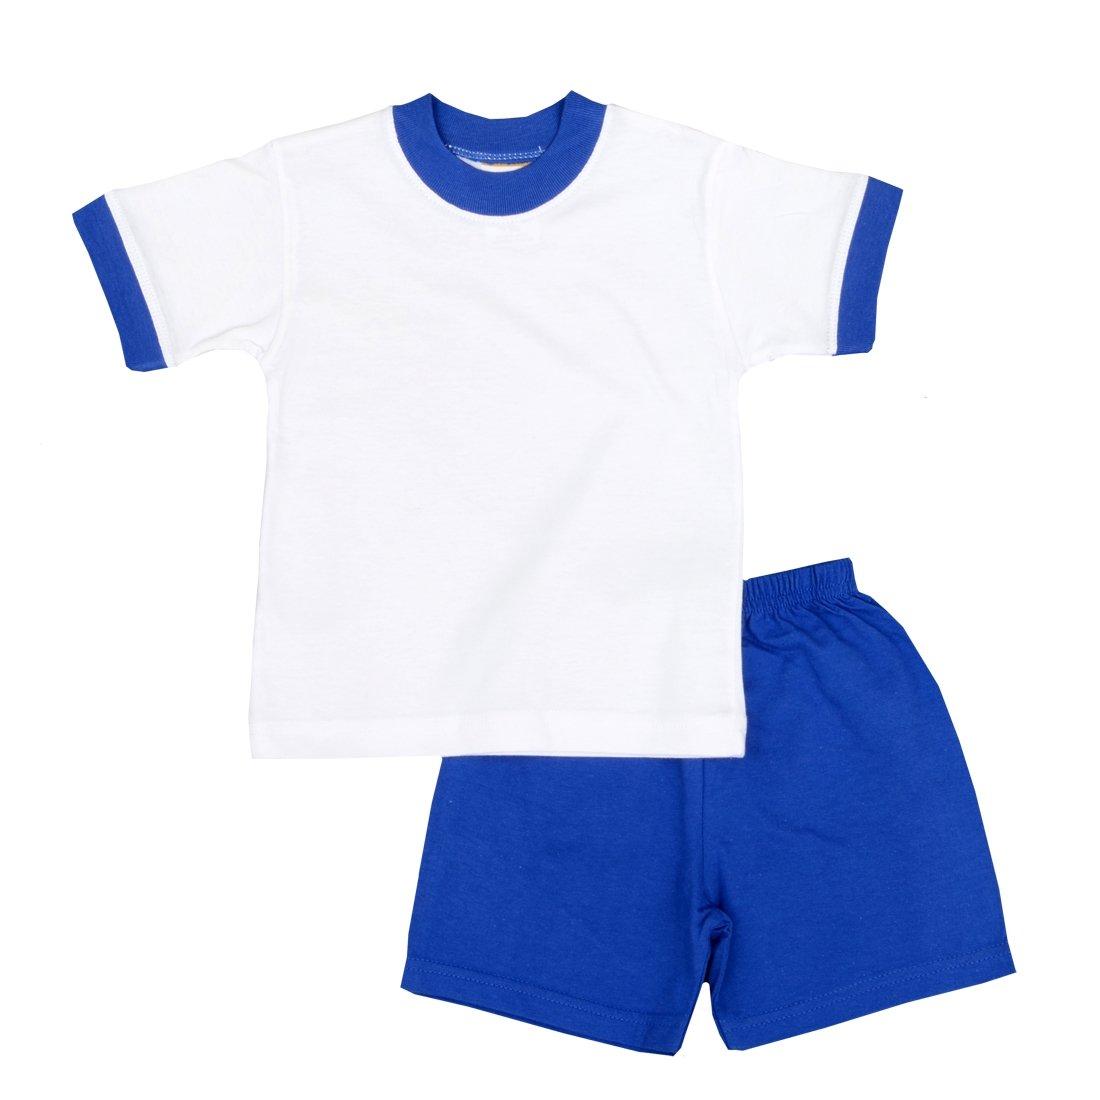 Pam GM Little Boys Short Set Sleeveless Top